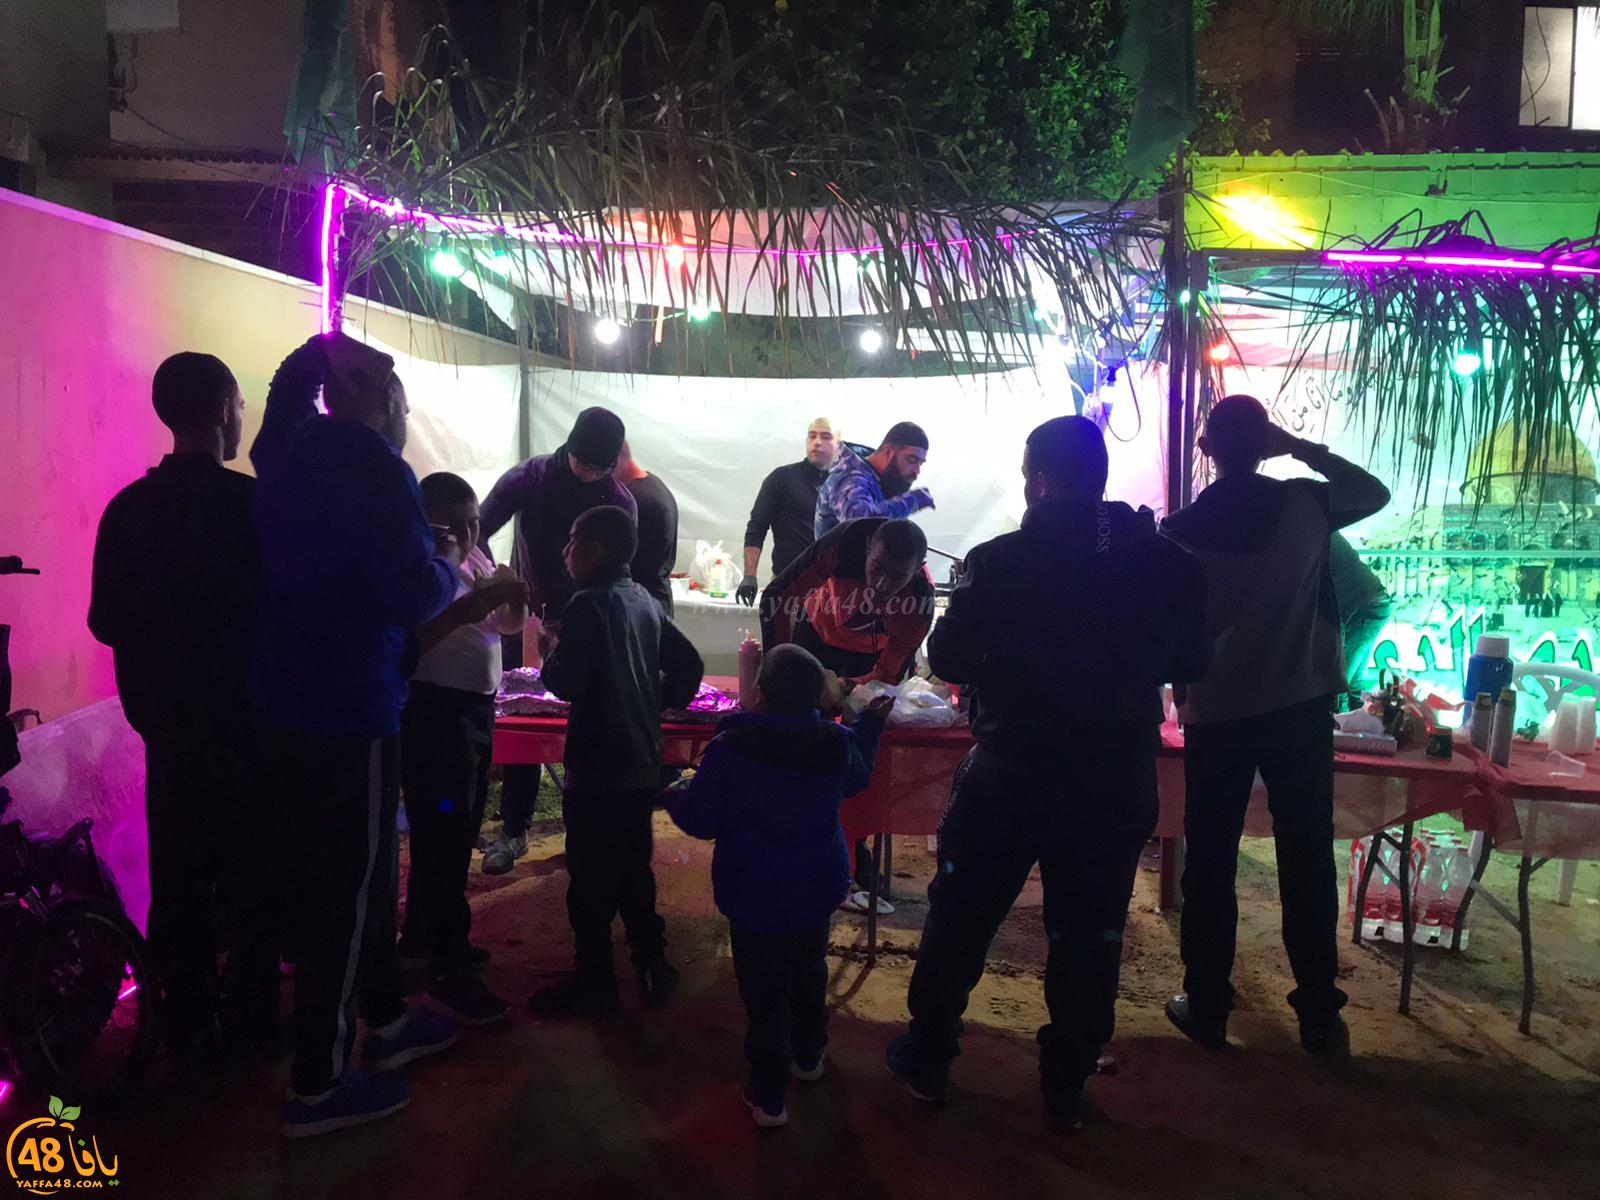 بالصور: خيمة الهدى تنظم أمسية دعوية في ضيافة عائلة كراجة بيافا